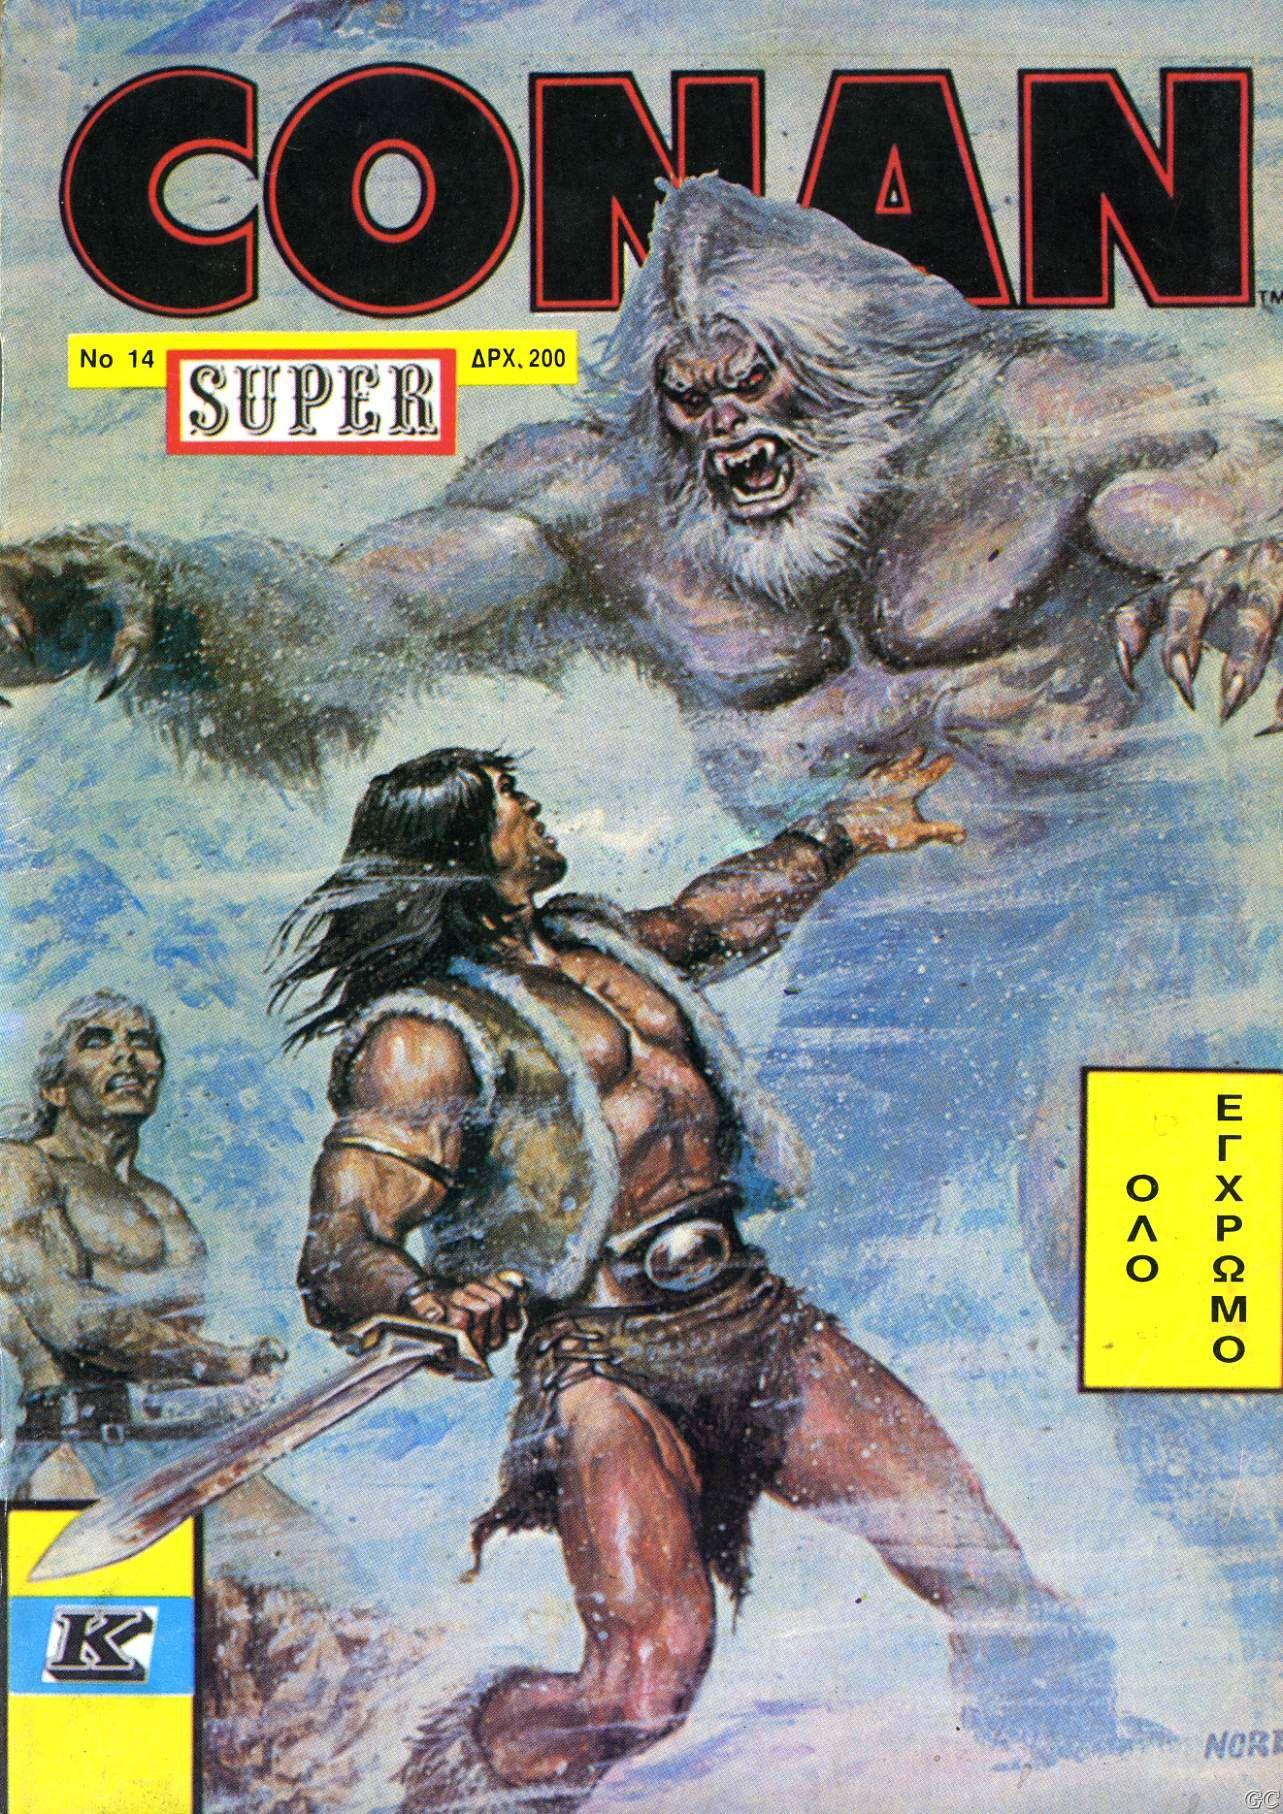 CONAN SUPER #14